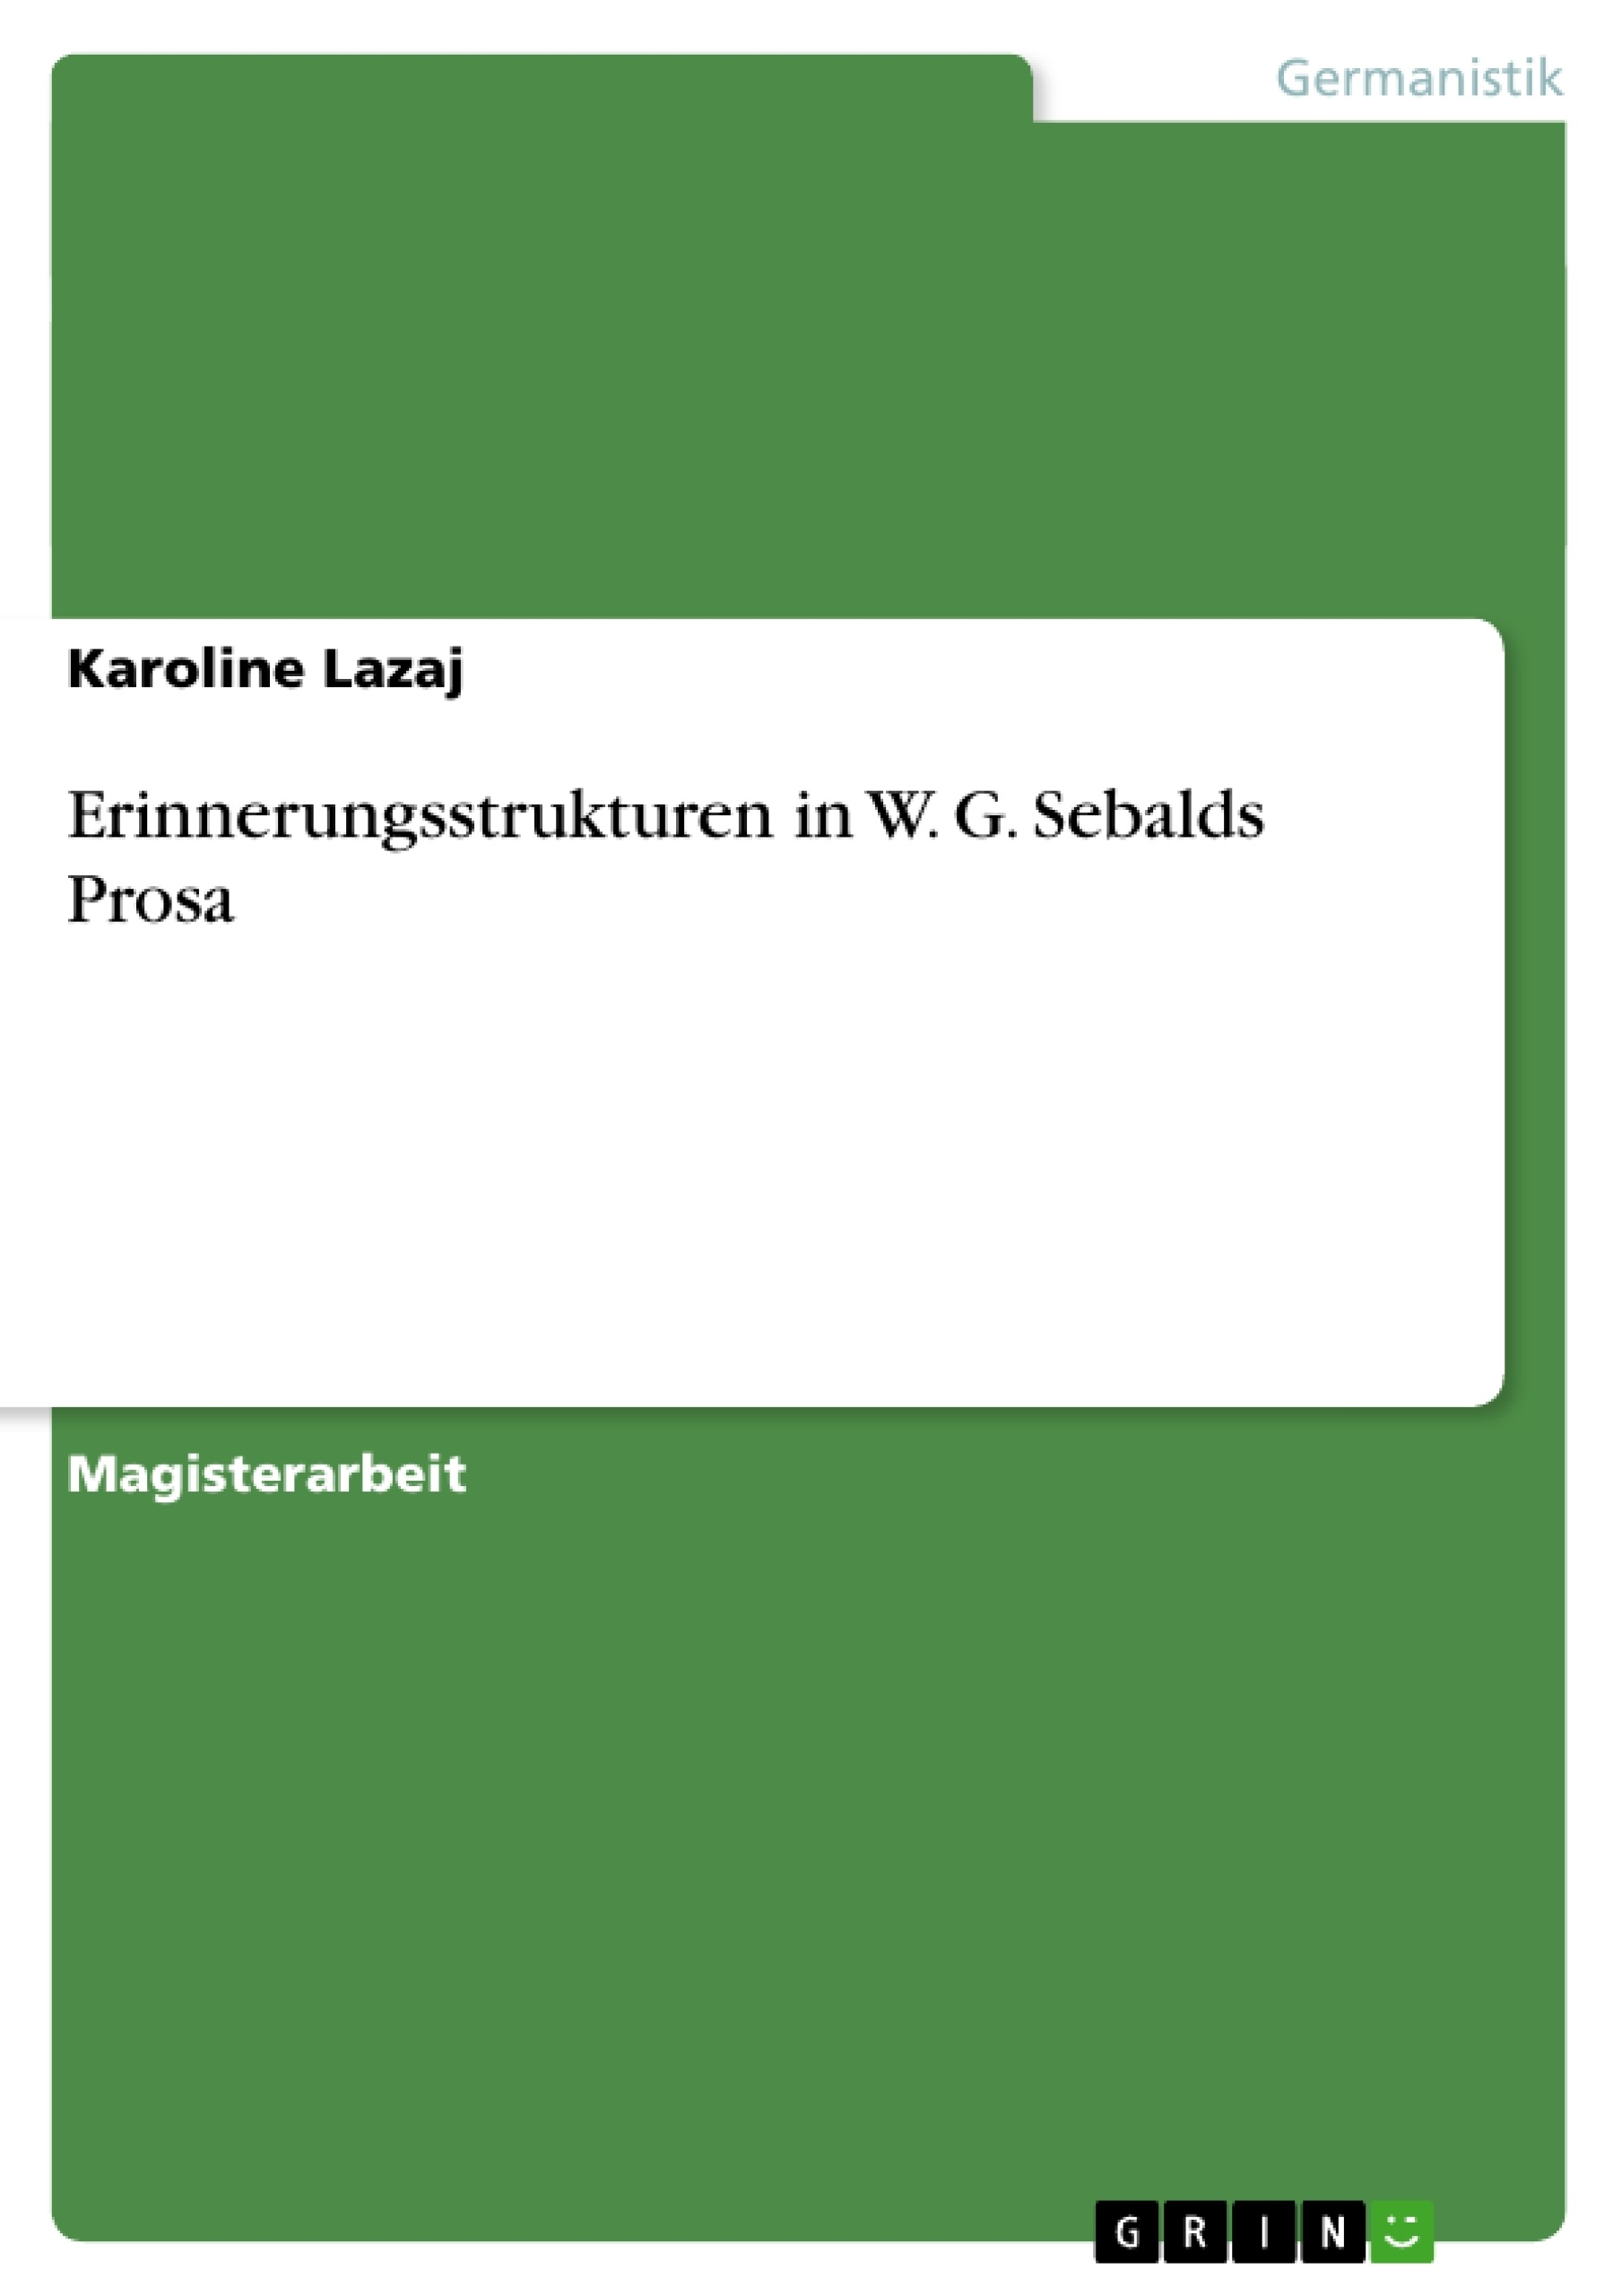 Titel: Erinnerungsstrukturen in W. G. Sebalds Prosa